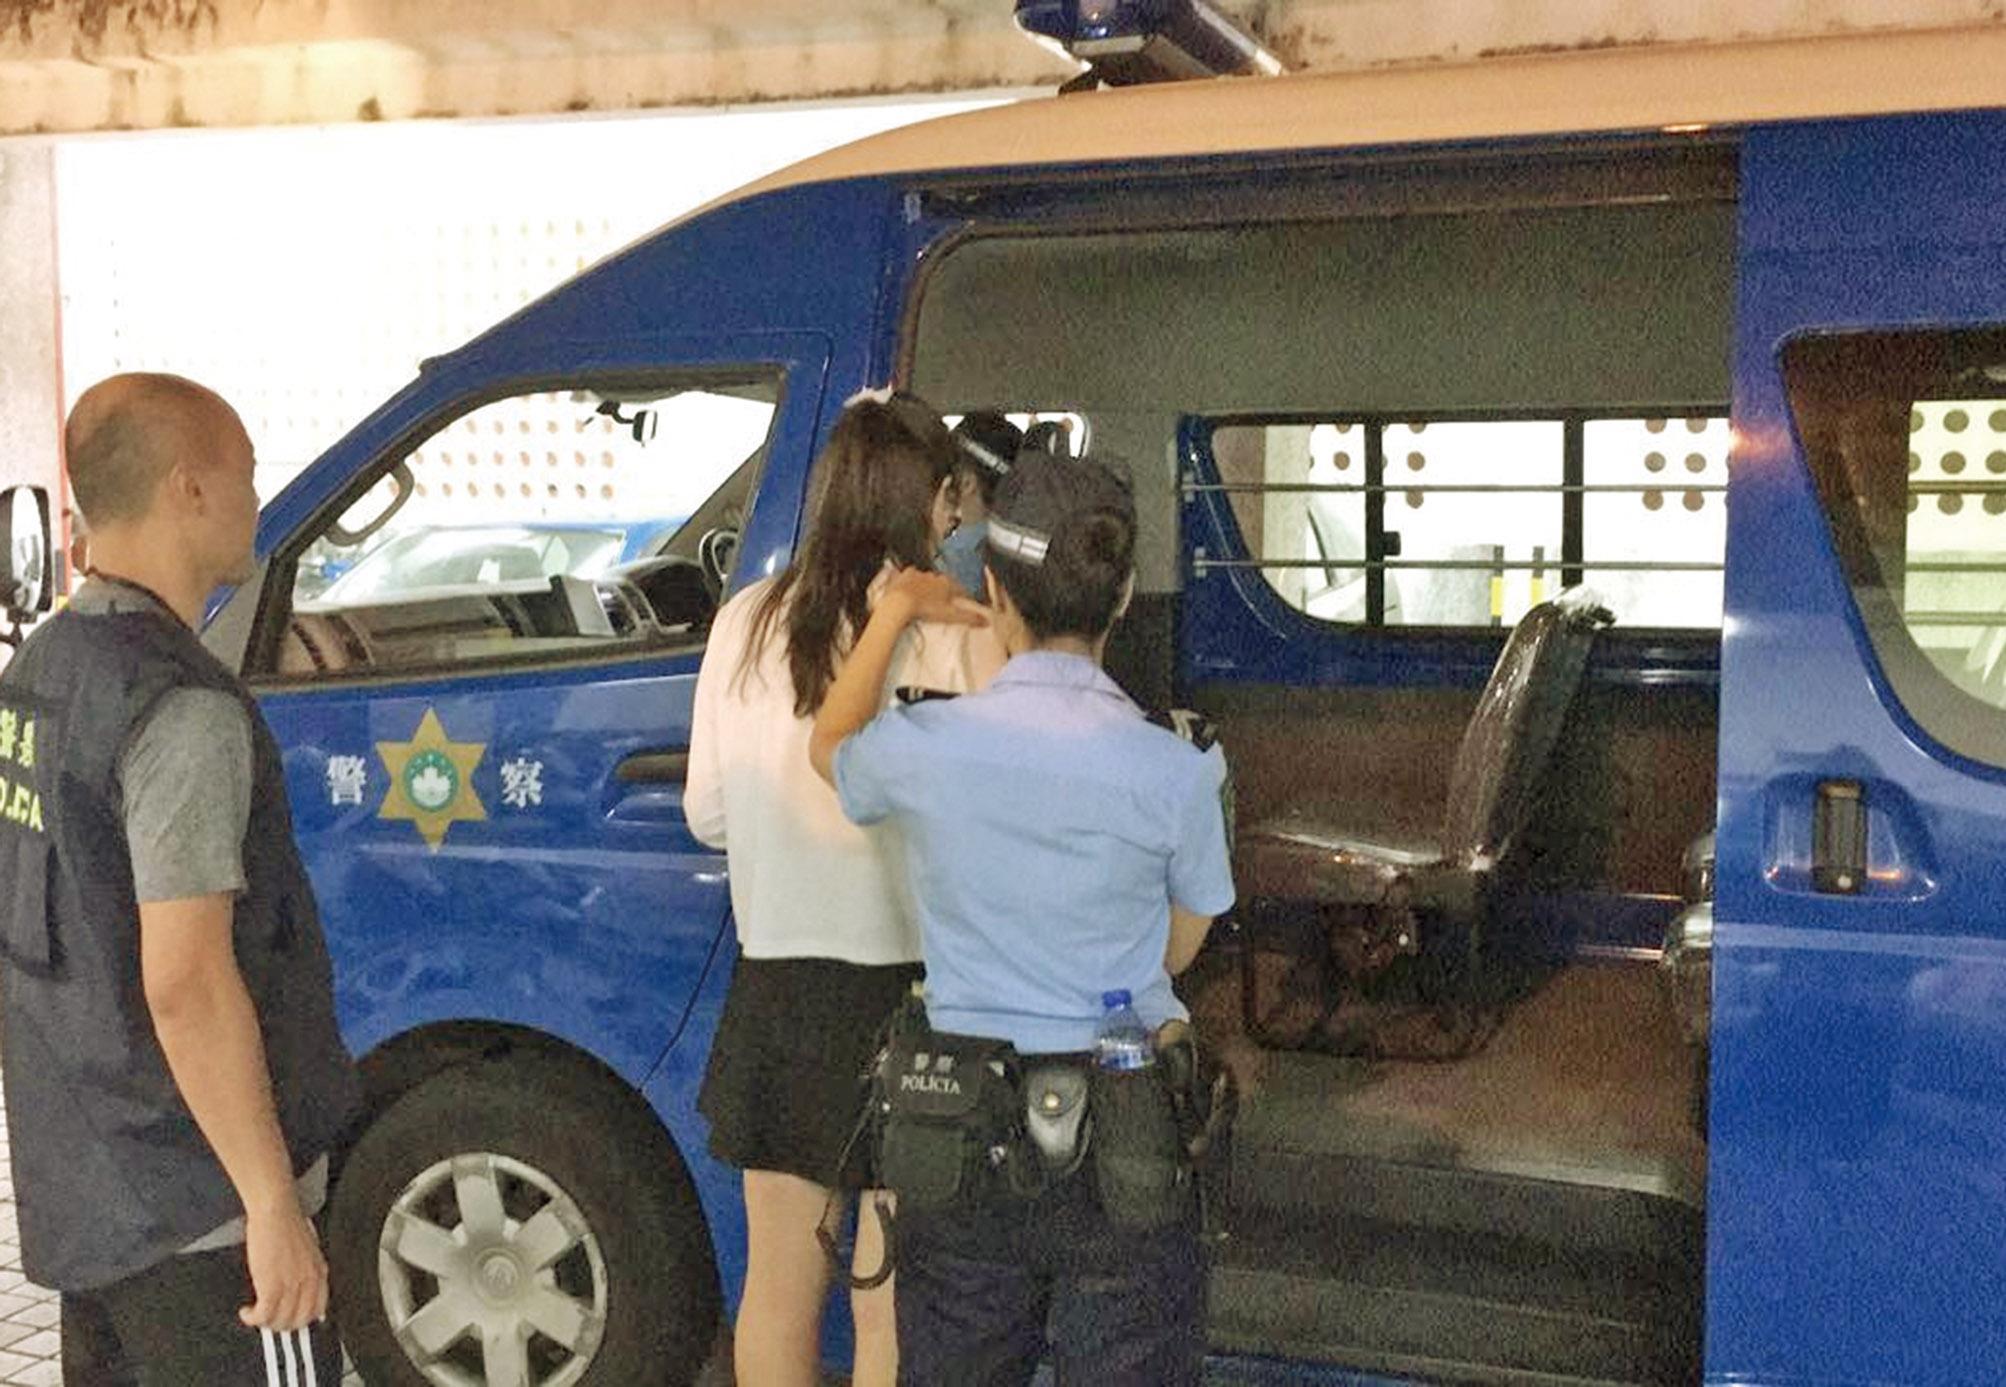 照片與本人不同 兩女大學生被捕